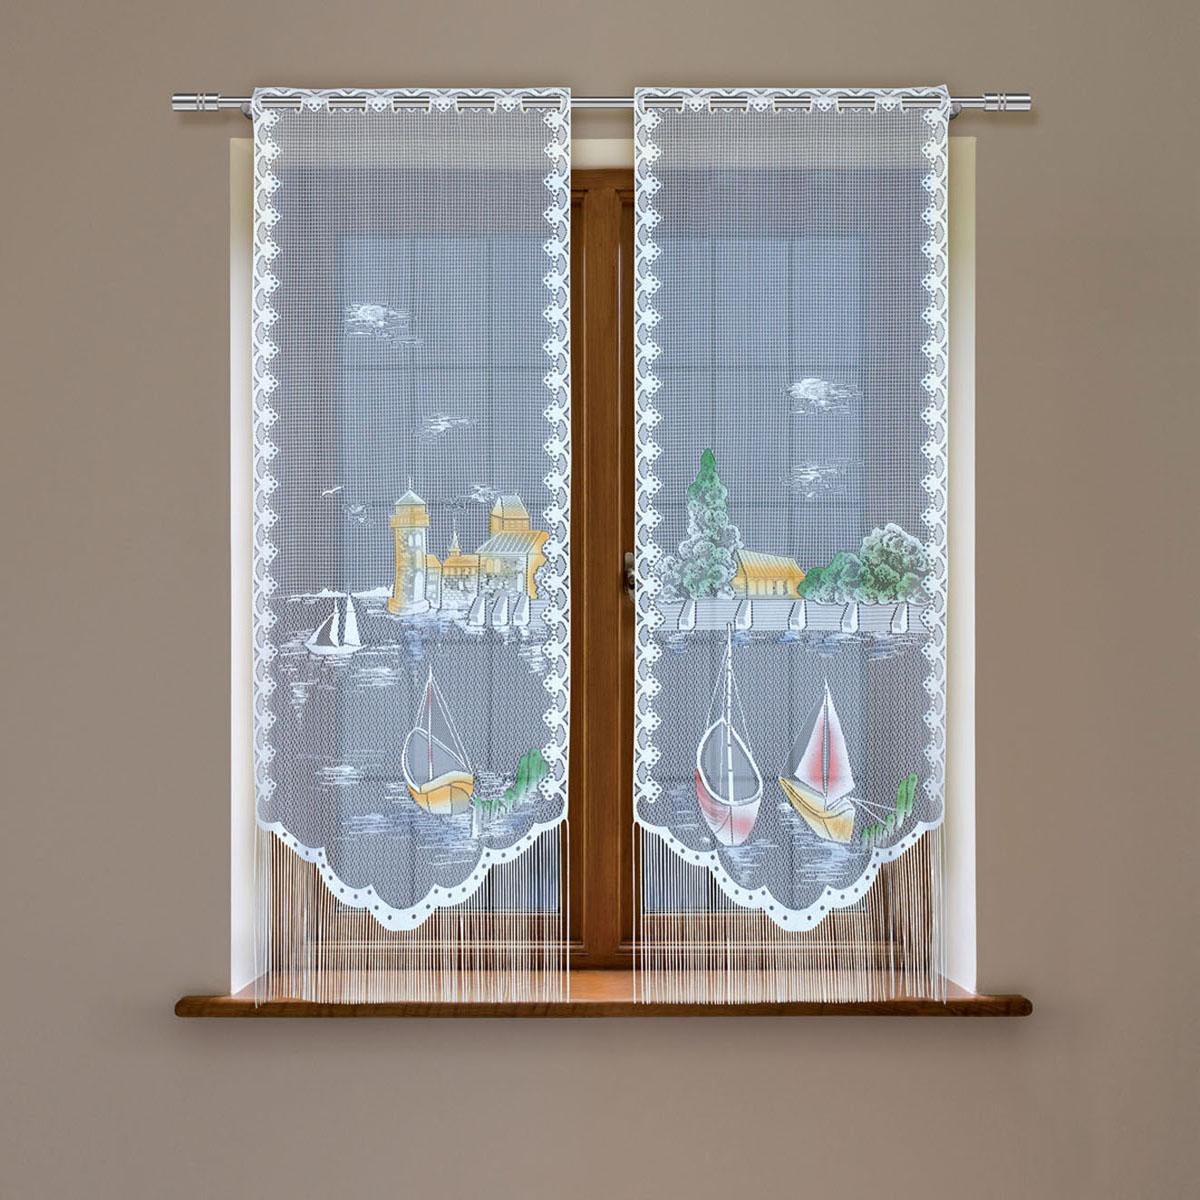 Гардина Haft, цвет: белый, высота 120 см. 5380D/605380D/60Гардина имеет в верхней части полотна прорези, через которые гардина-витраж вывешивается на карниз или можно крепить на зажим для штор,котрый в комплект не входит.Комплект состоит из двух полотен (выс.120* шир.60) Размеры: (высота 120* ширина 60)*2